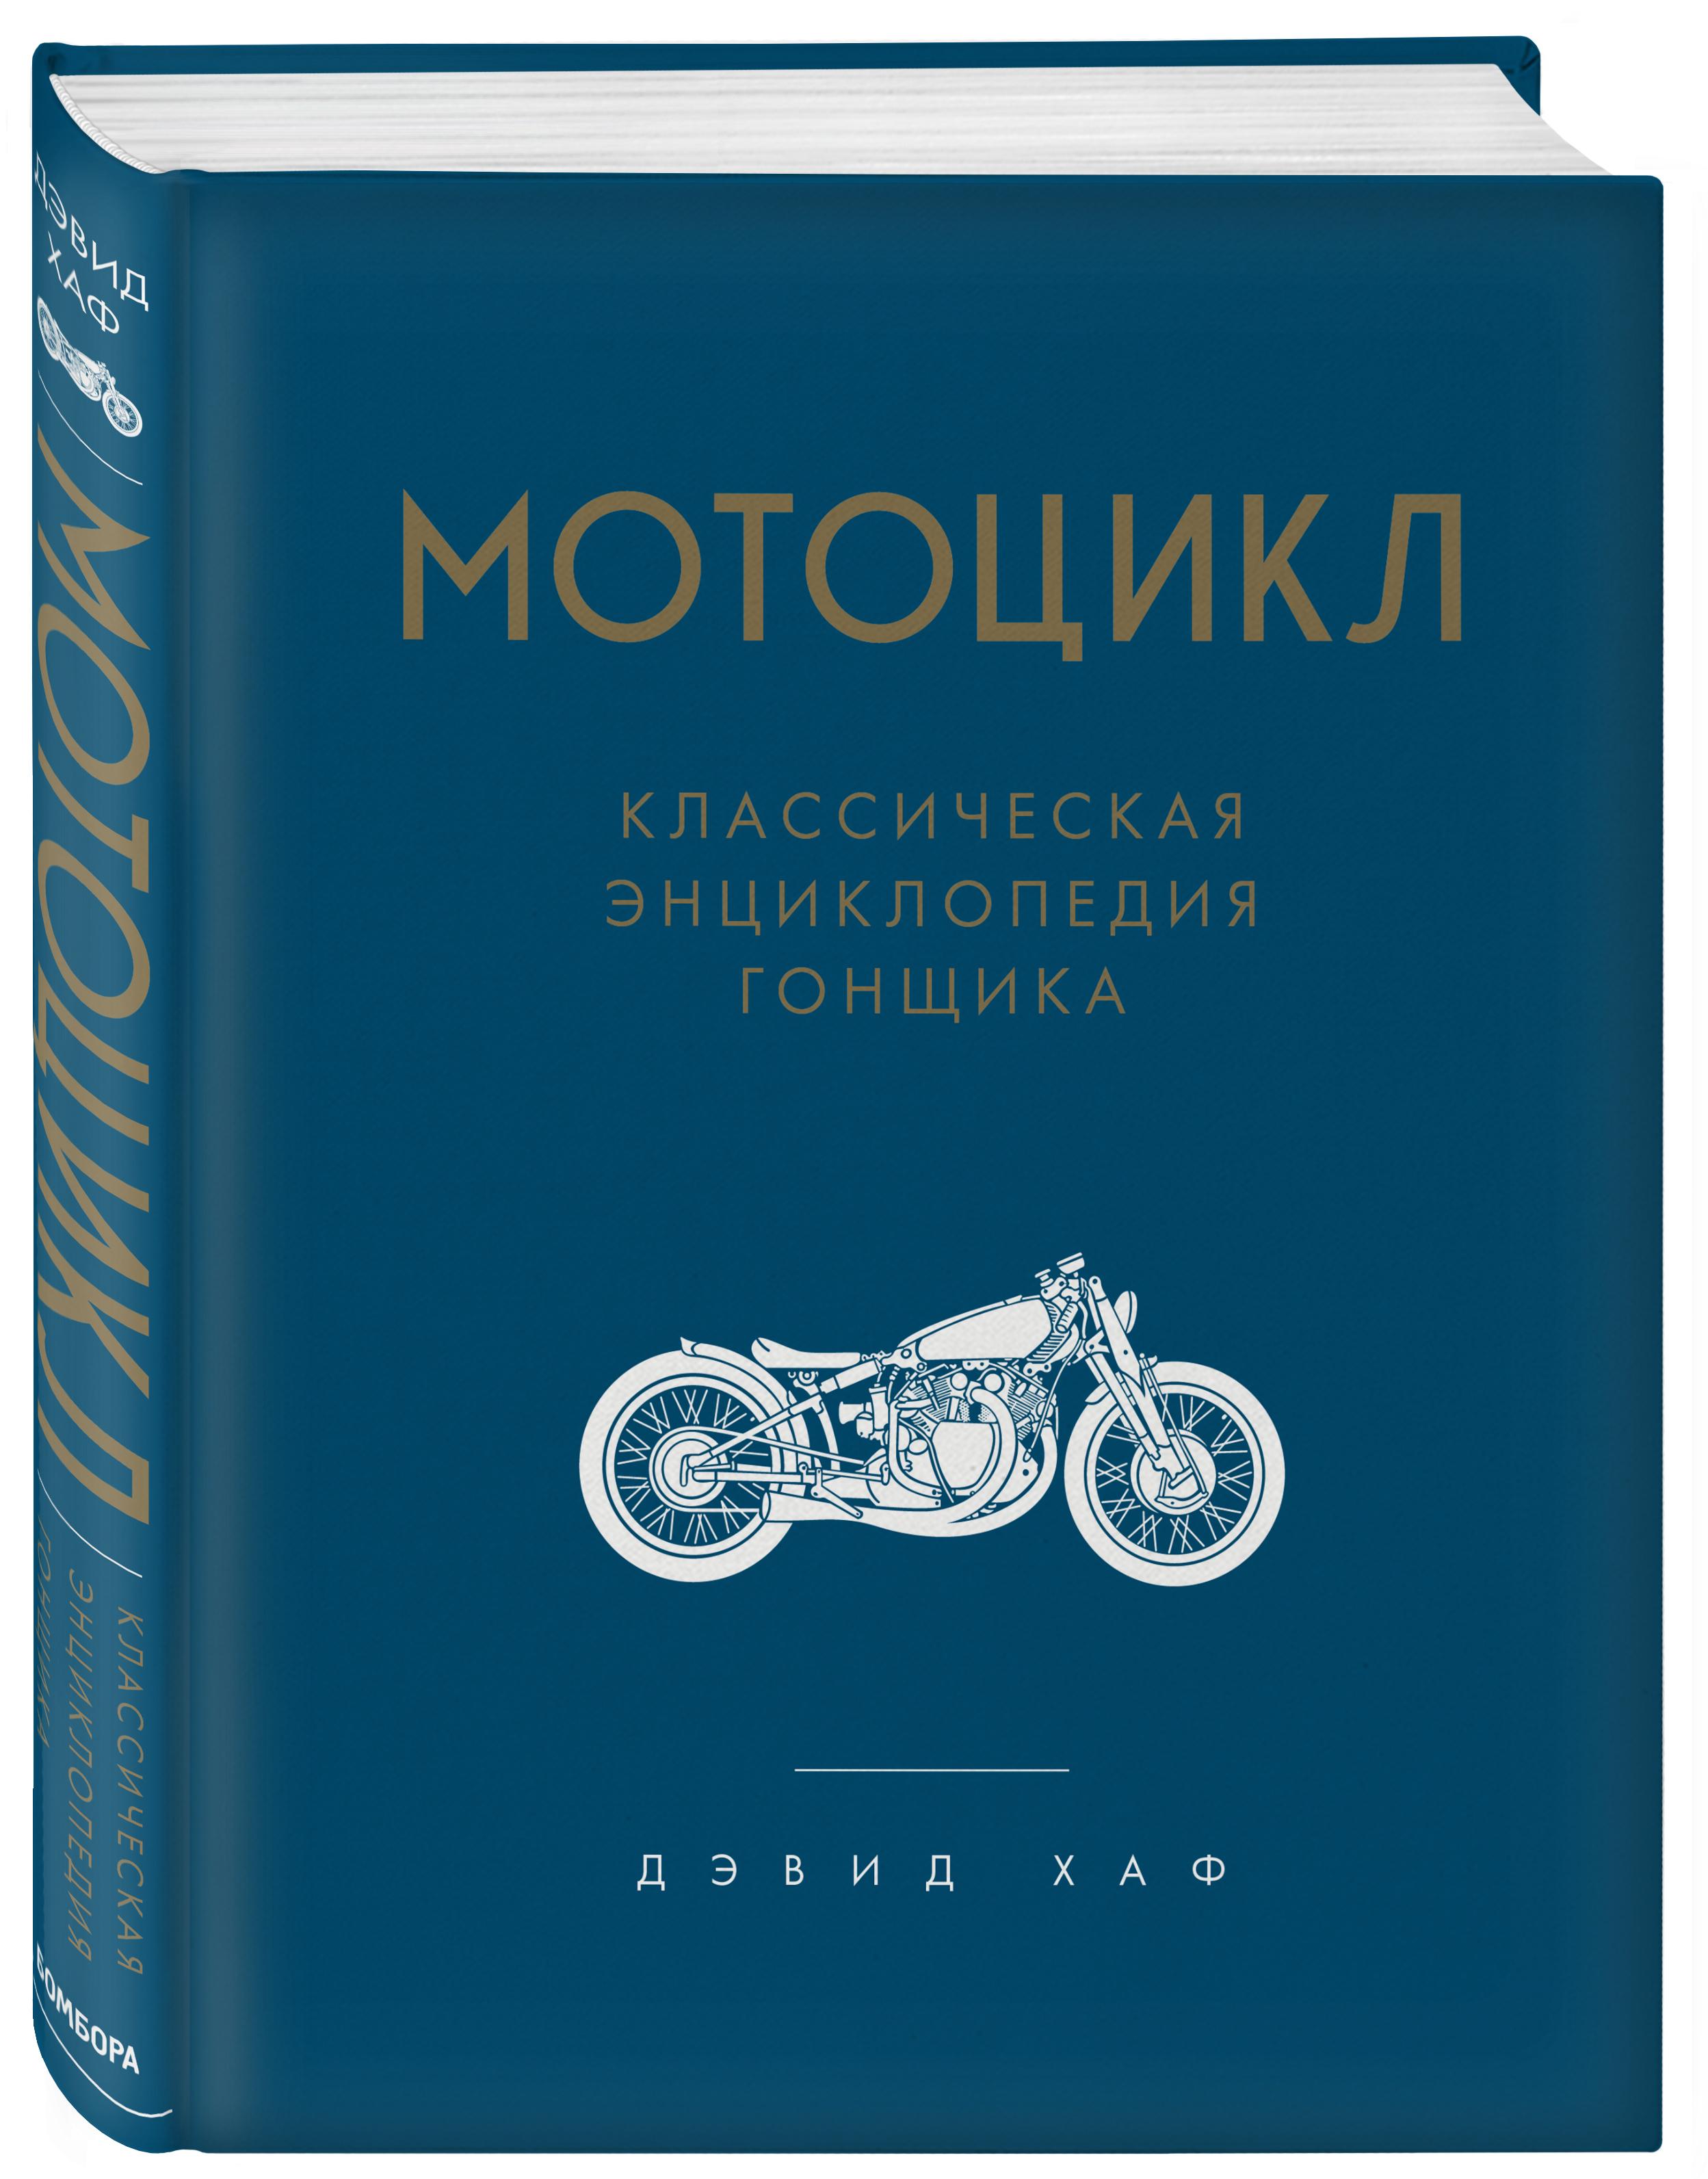 Мотоцикл. Классическая энциклопедия гонщика ( Хаф Дэвид  )